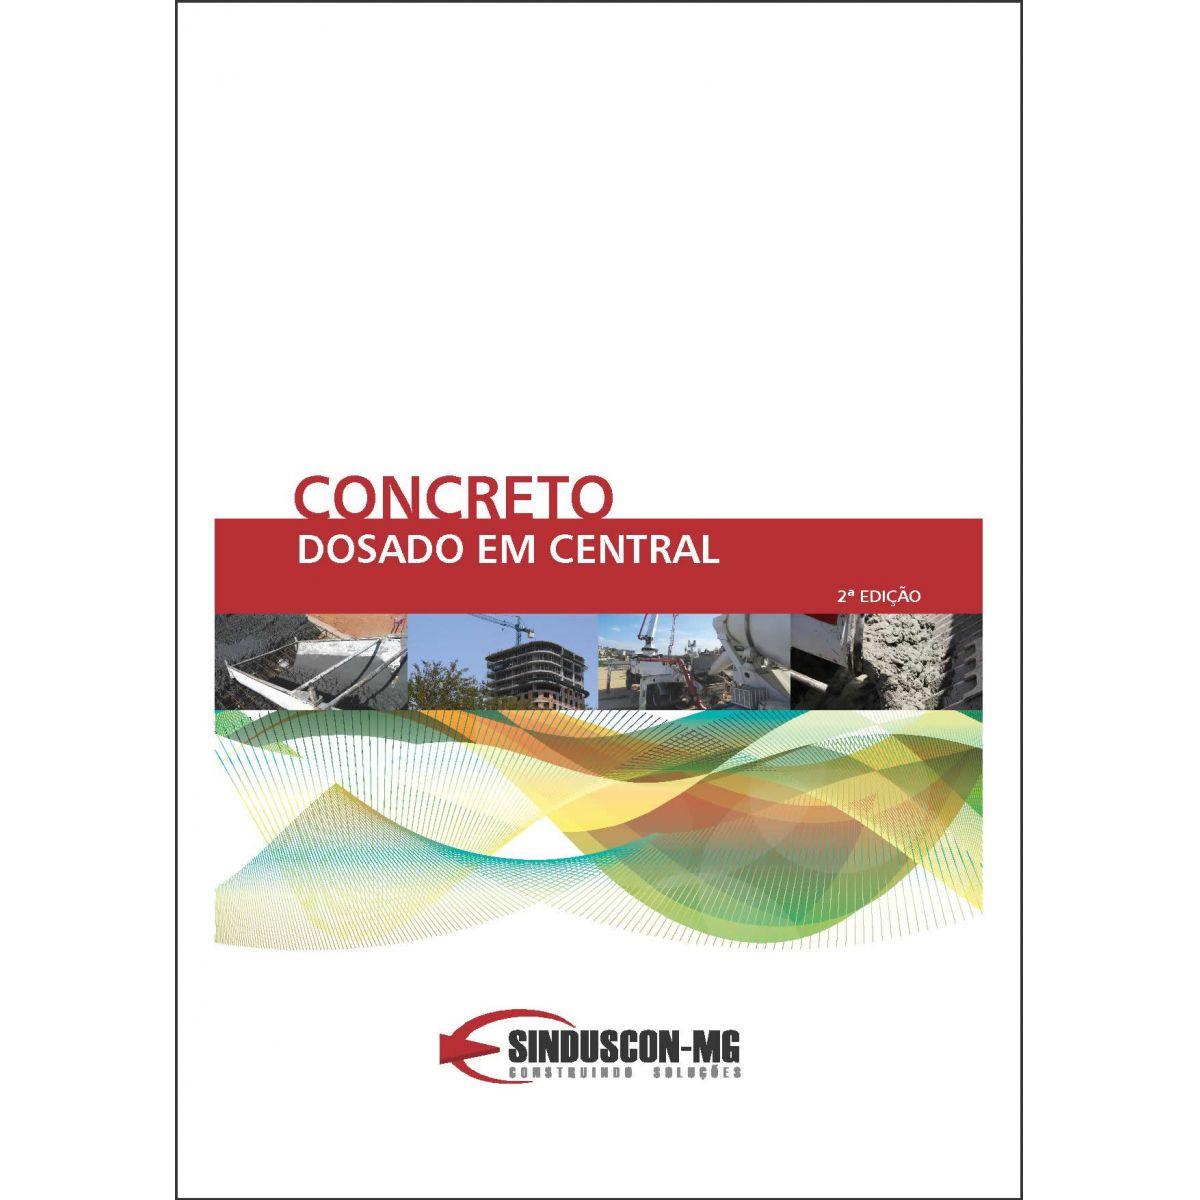 Concreto Dosado em Central - 2ª edição